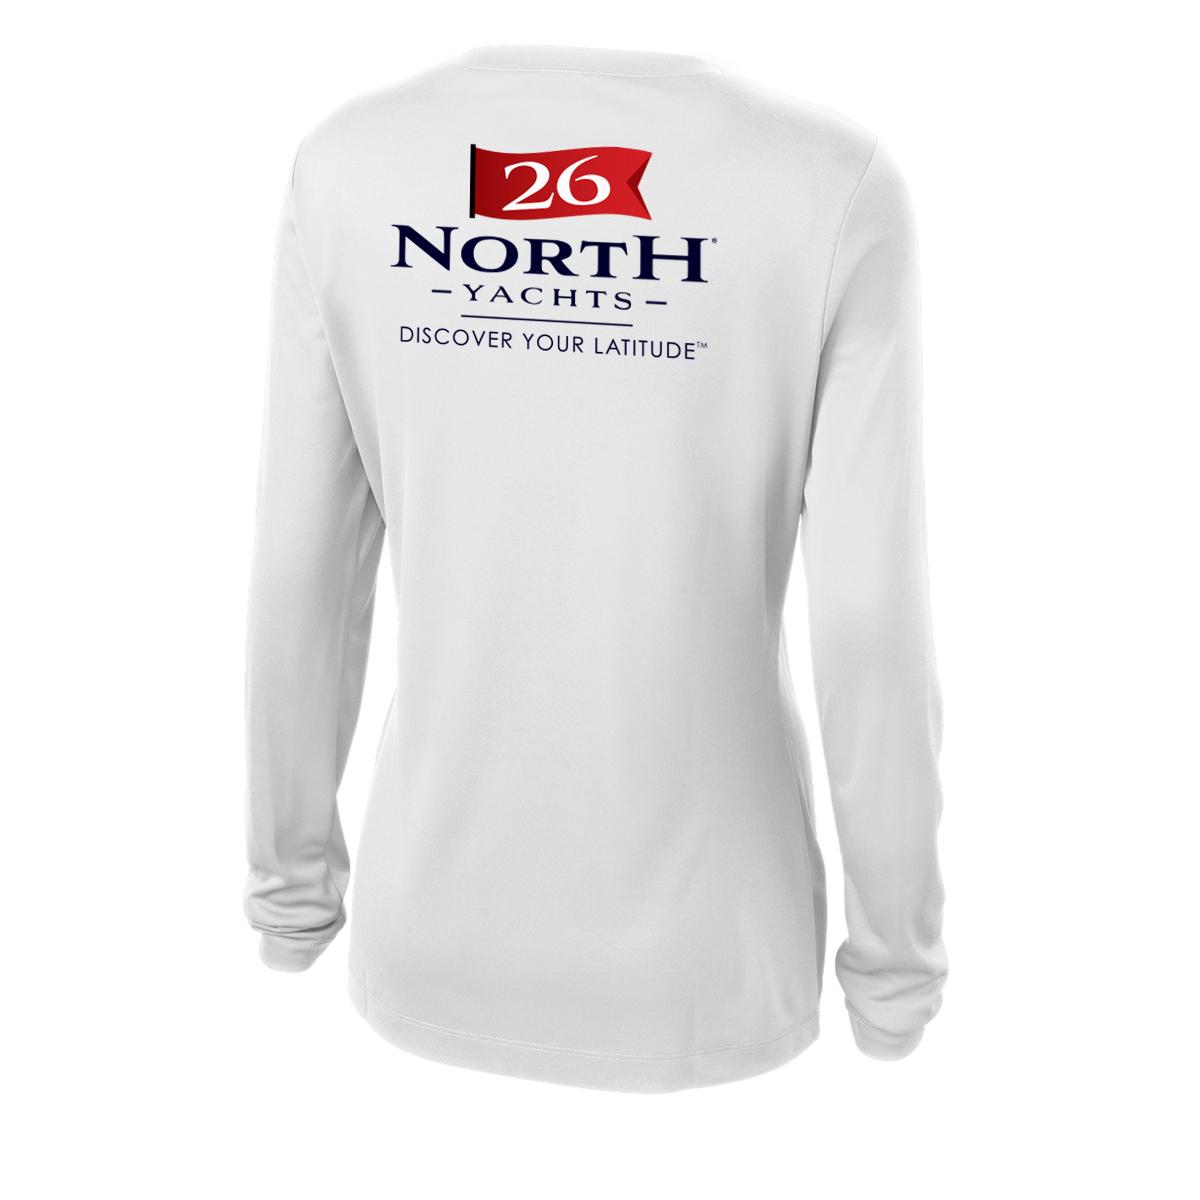 26 North Yachts - Women's Long Sleeve Tech Tee (26NY215)